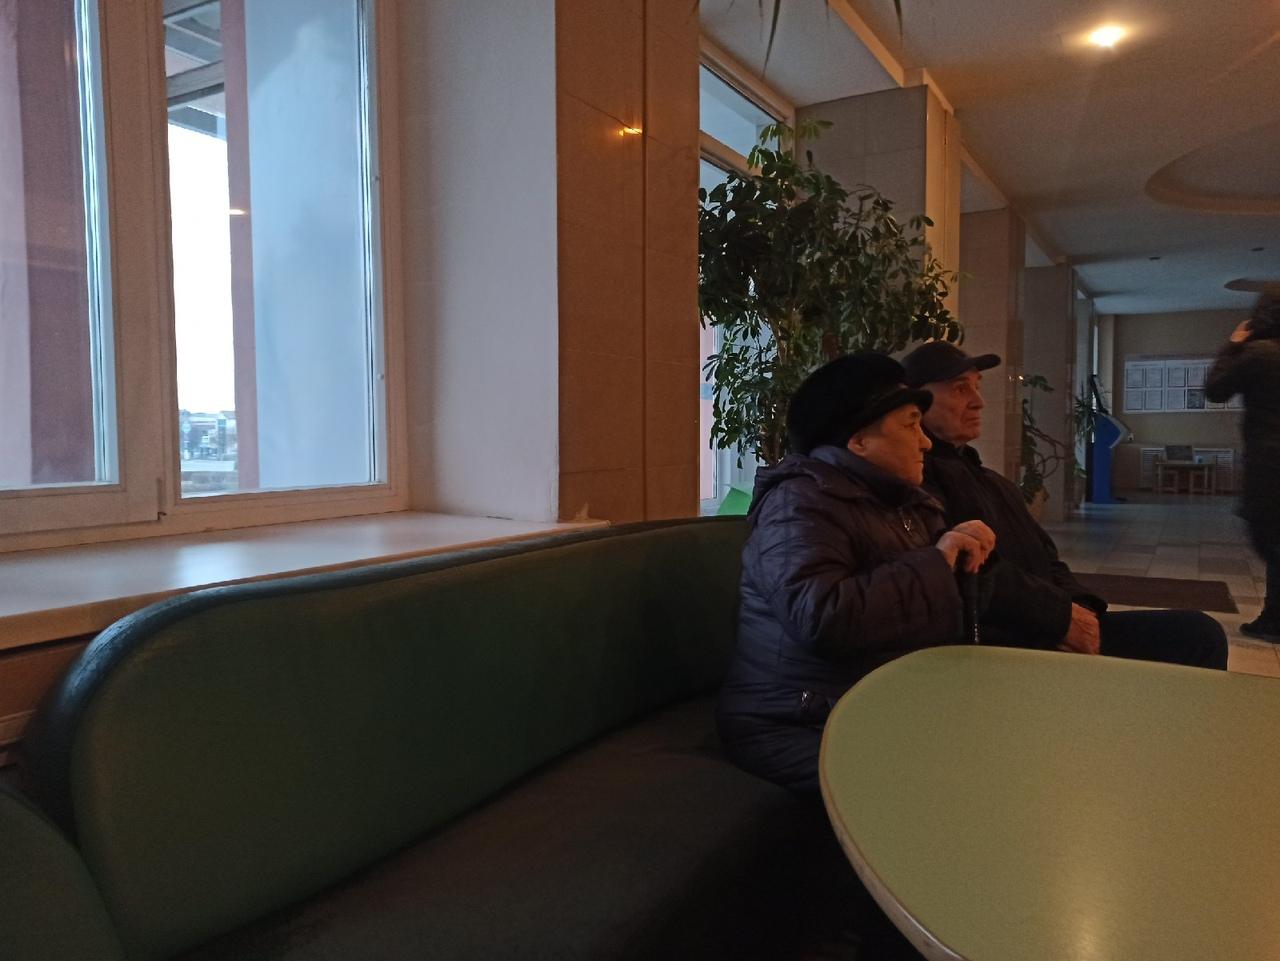 Вопросы ЖКХ и час в очереди: как новочебоксарские чиновники принимали горожан